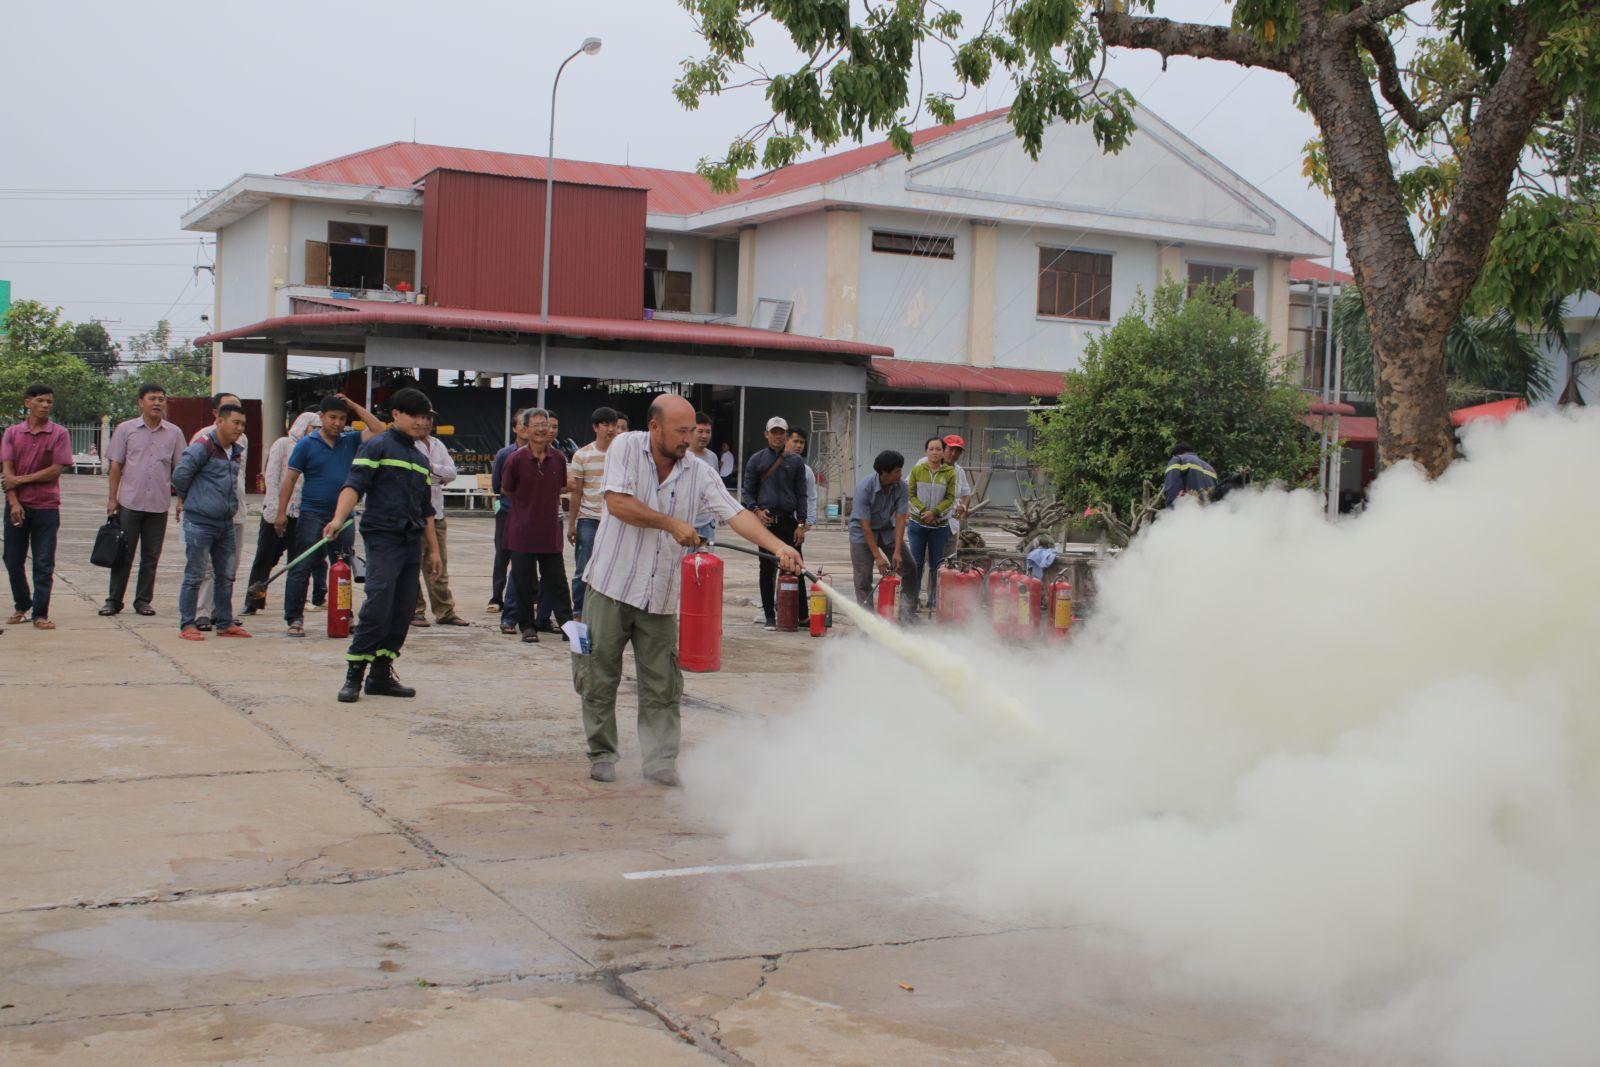 Tập huấn phòng cháy, chữa cháy cho người dân